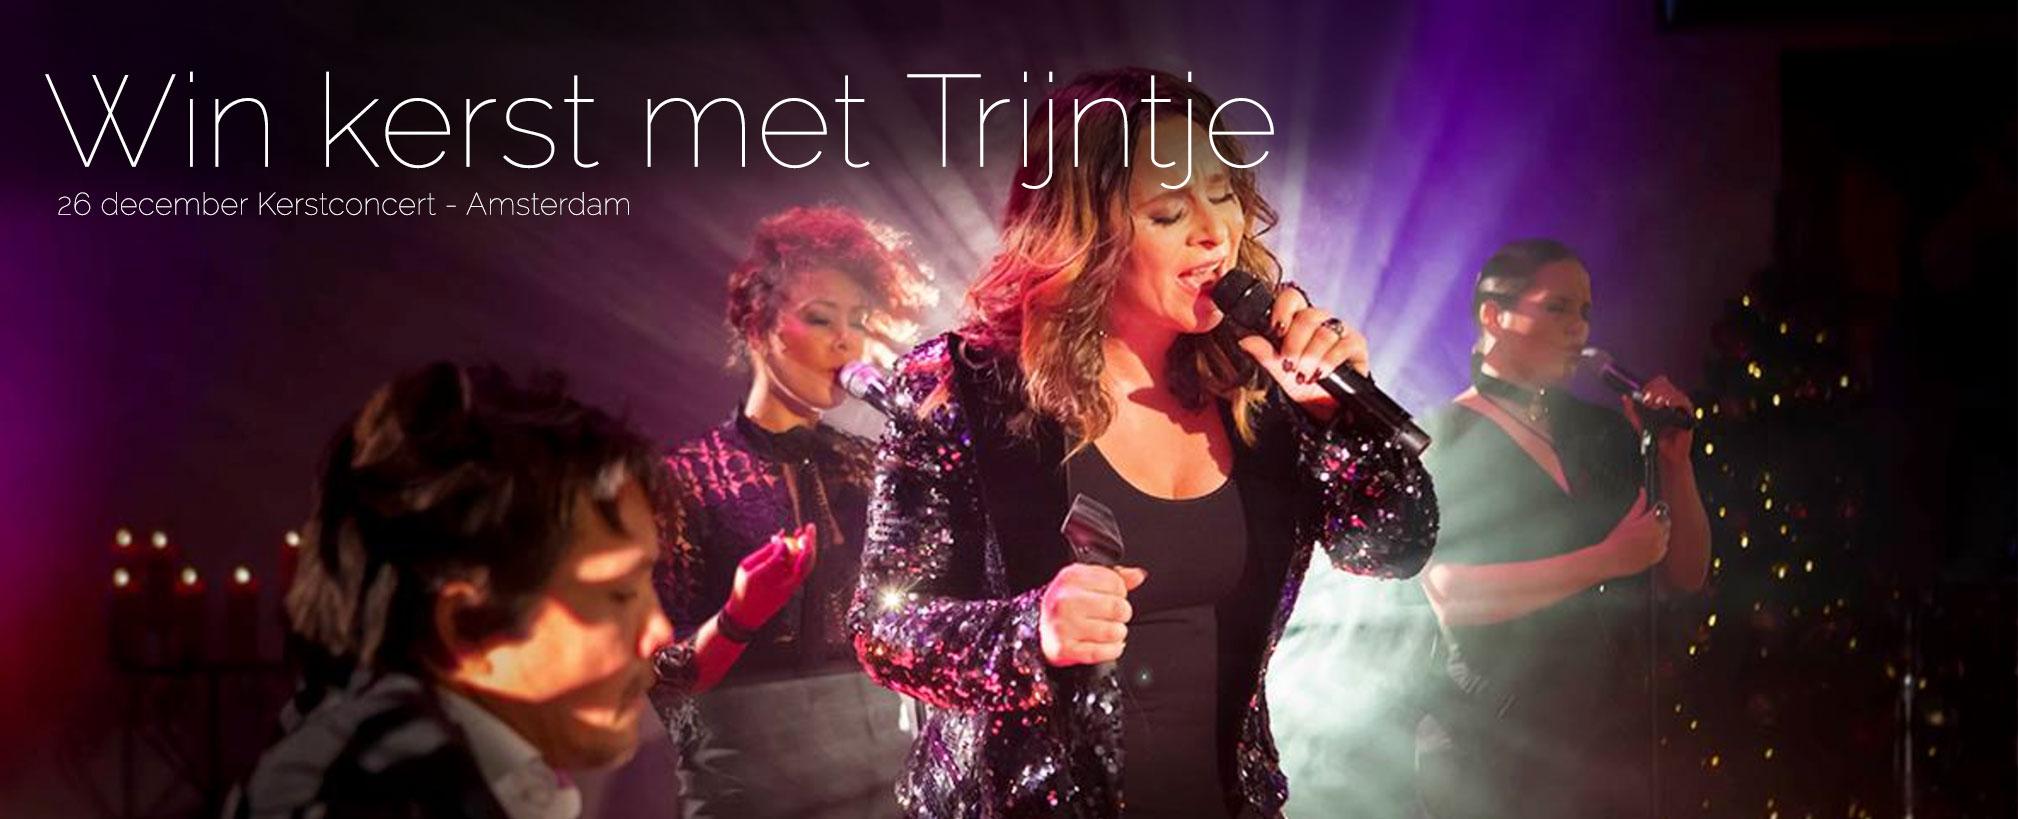 Kerst vieren met Trijntje Oosterhuis in Amsterdam. Win!